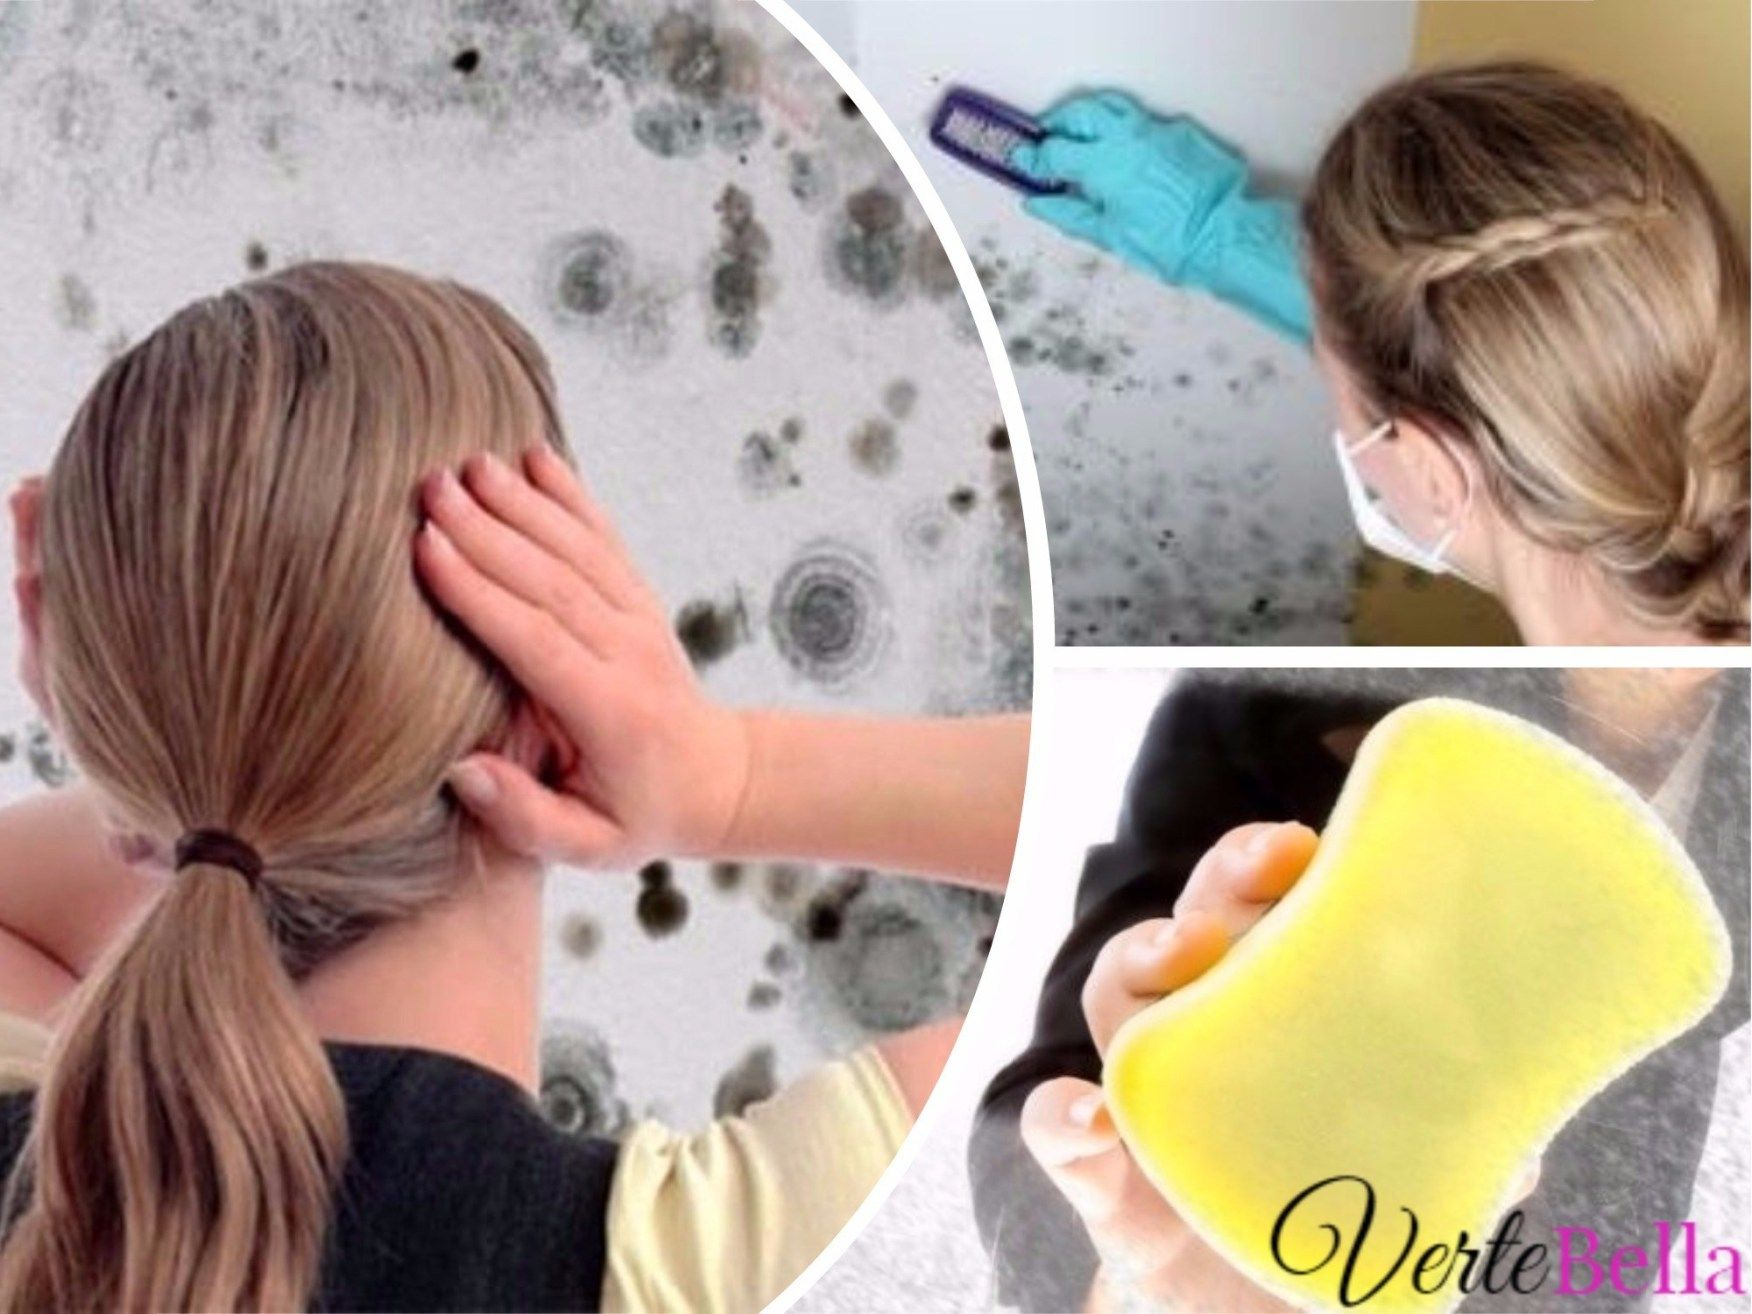 Como Acabar Con La Humedad En Las Paredes Como Eliminar La Humedad De Las Paredes En Un Solo Paso Limpieza